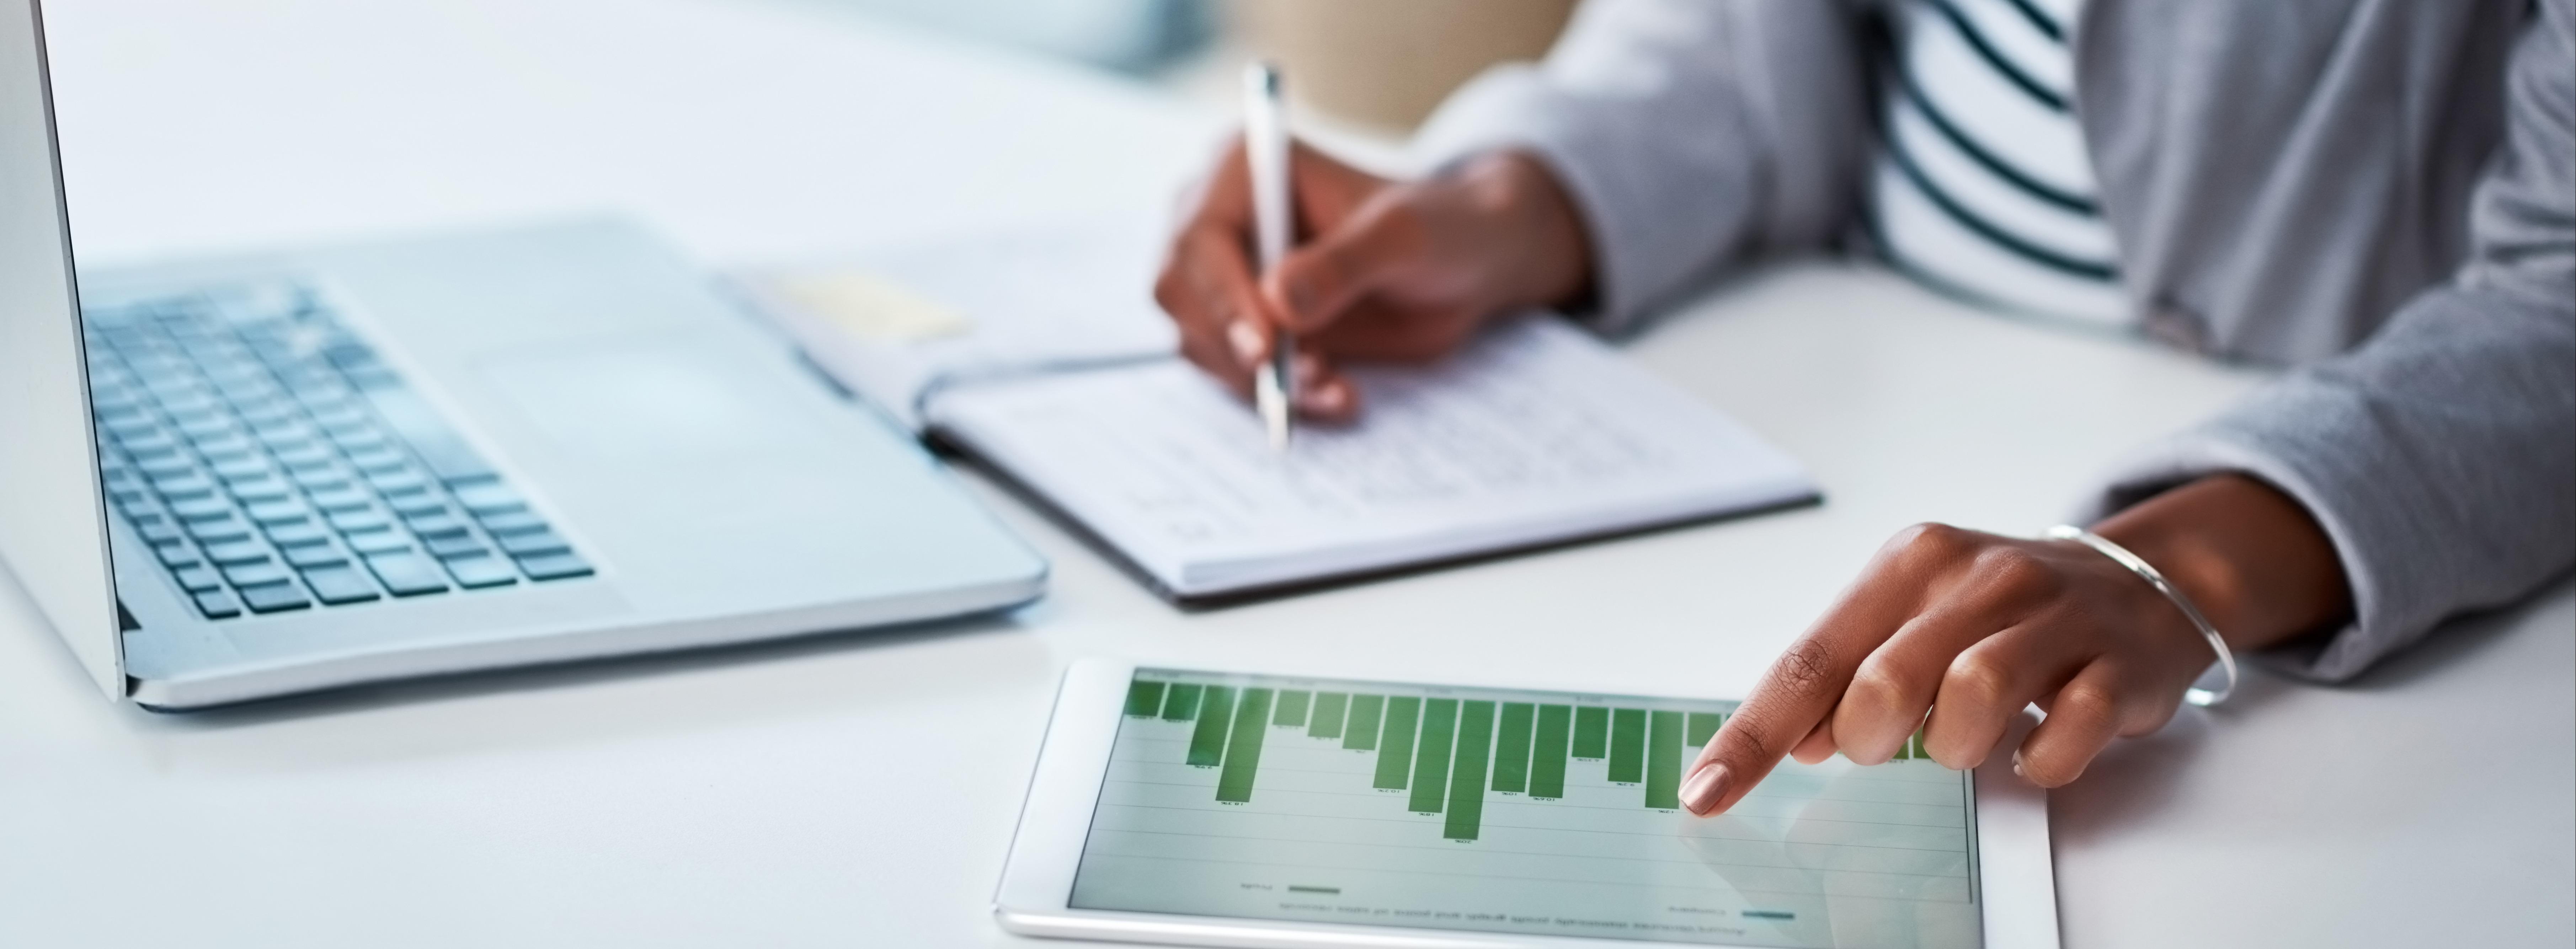 NAED-Market-Data-Why-Do-I-Need-It-Image-2